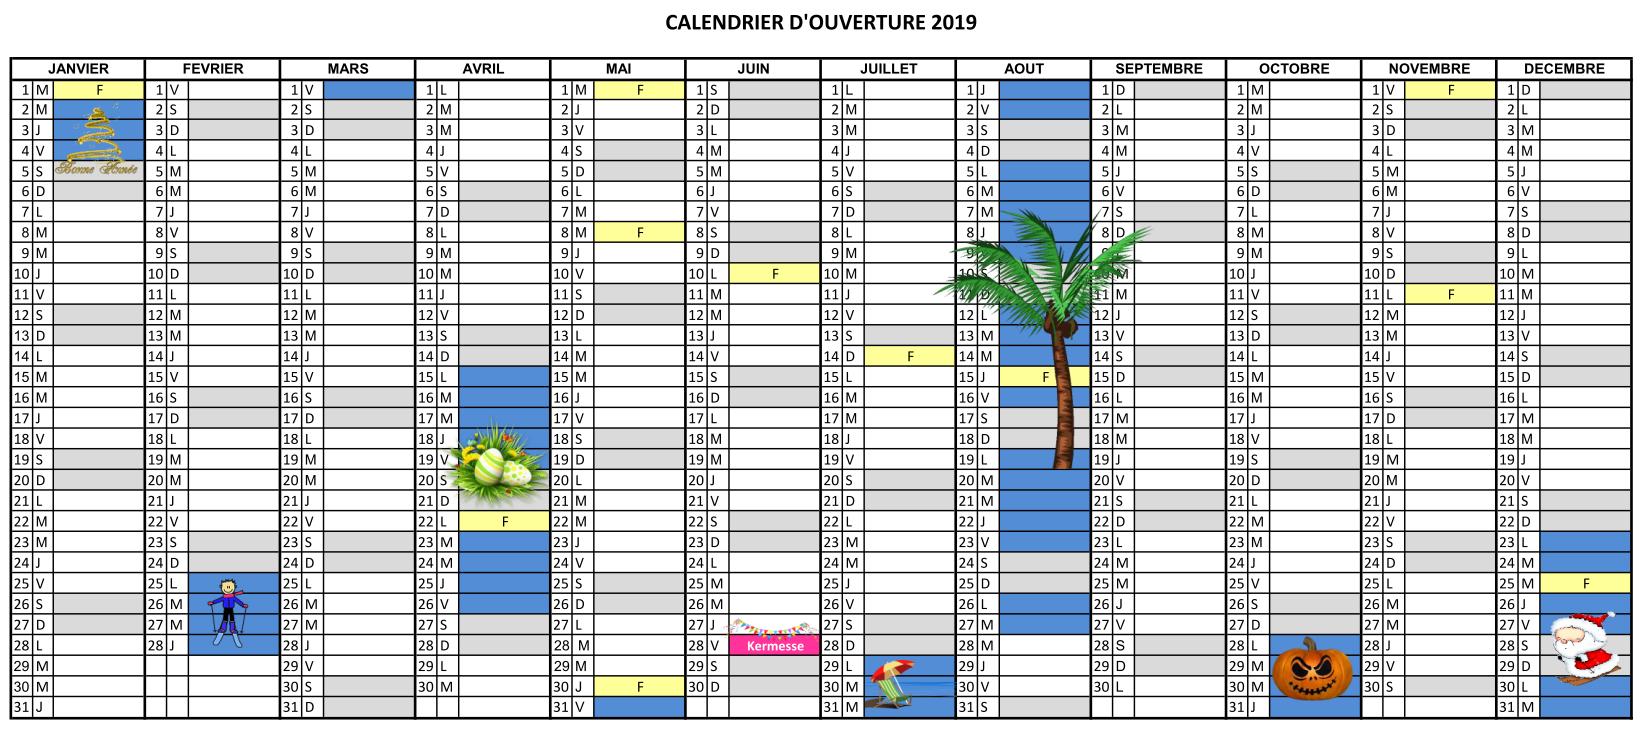 Le calendrier d'ouverture 2020 de l'ITEP de la Roussille